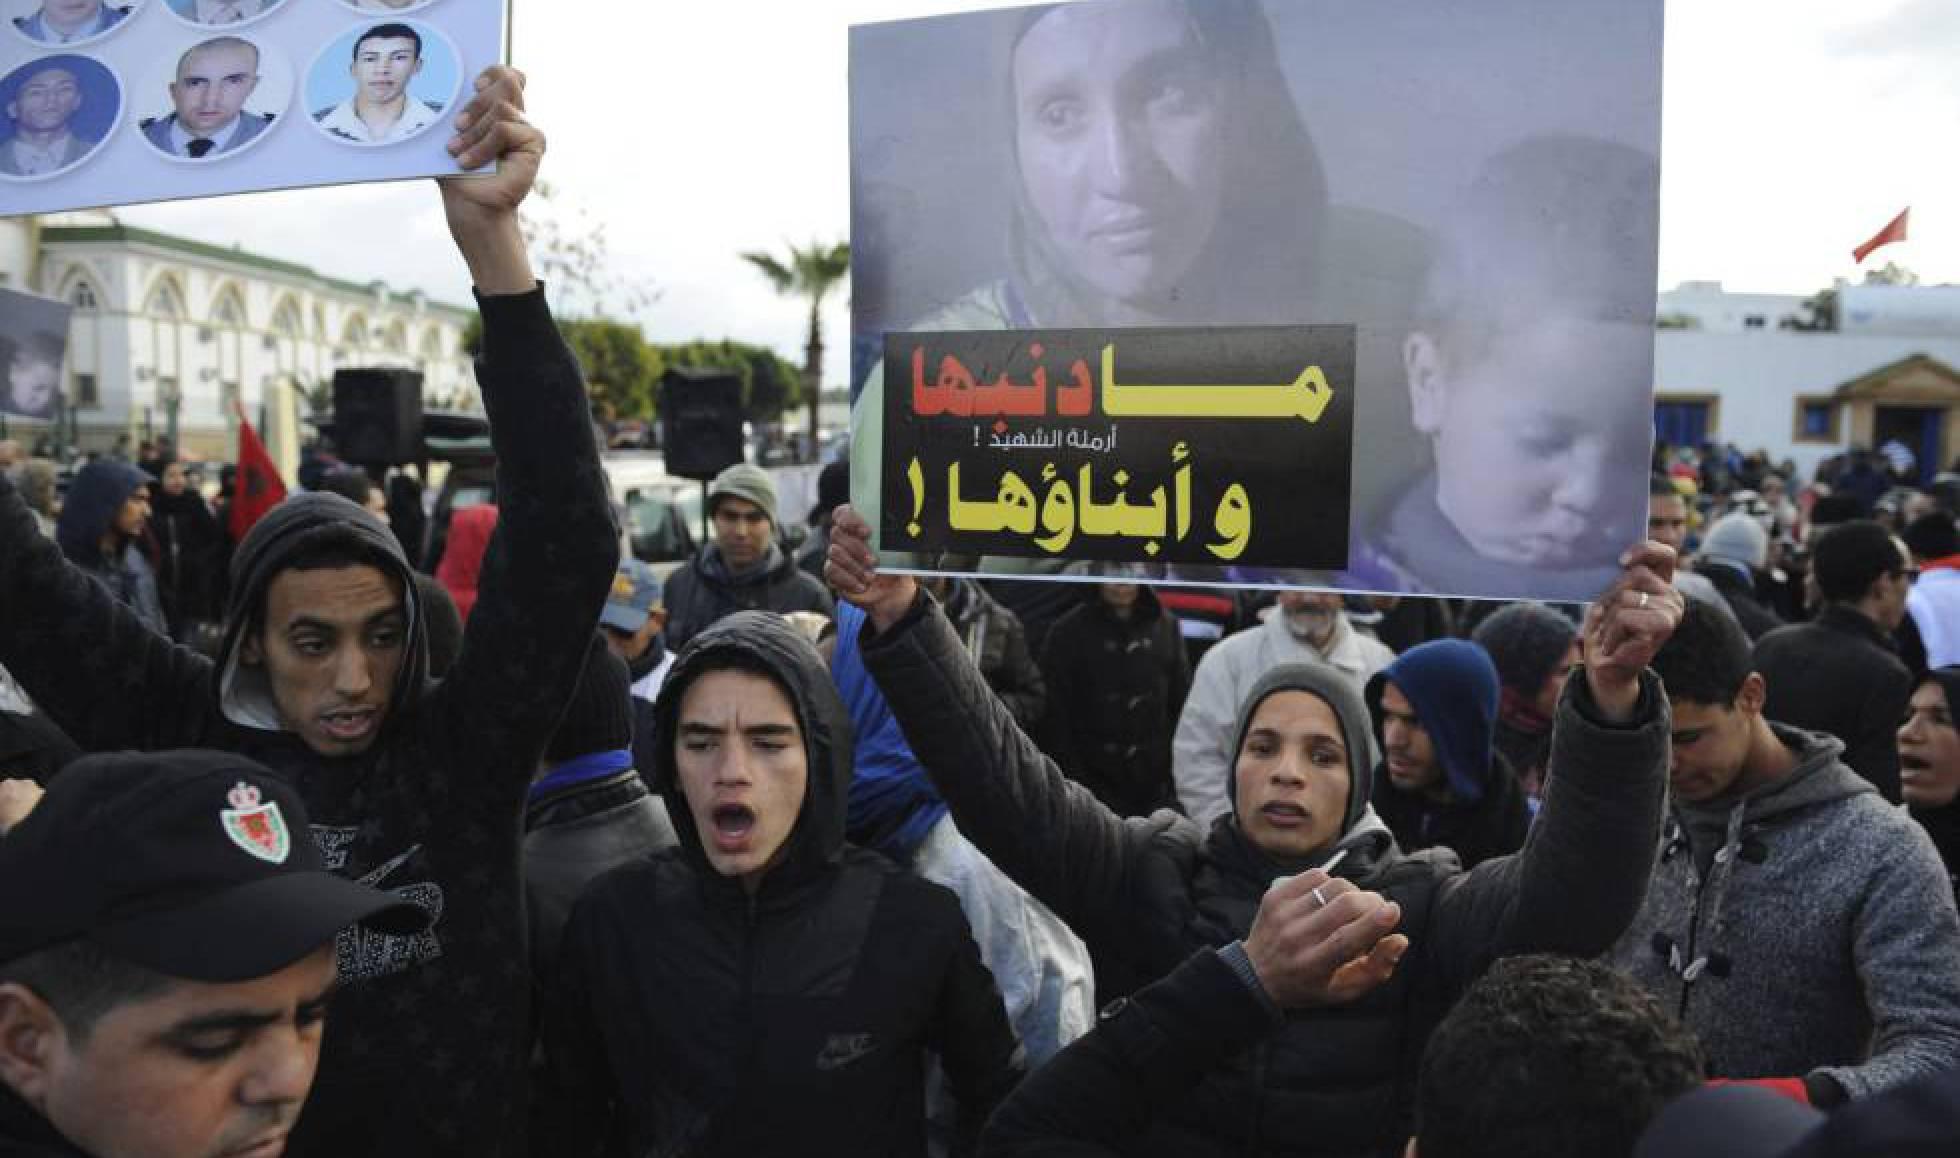 Sahara Occidental: Represión de Marruecos contra la población. - Página 2 1500459285_516593_1500460387_noticia_normal_recorte1